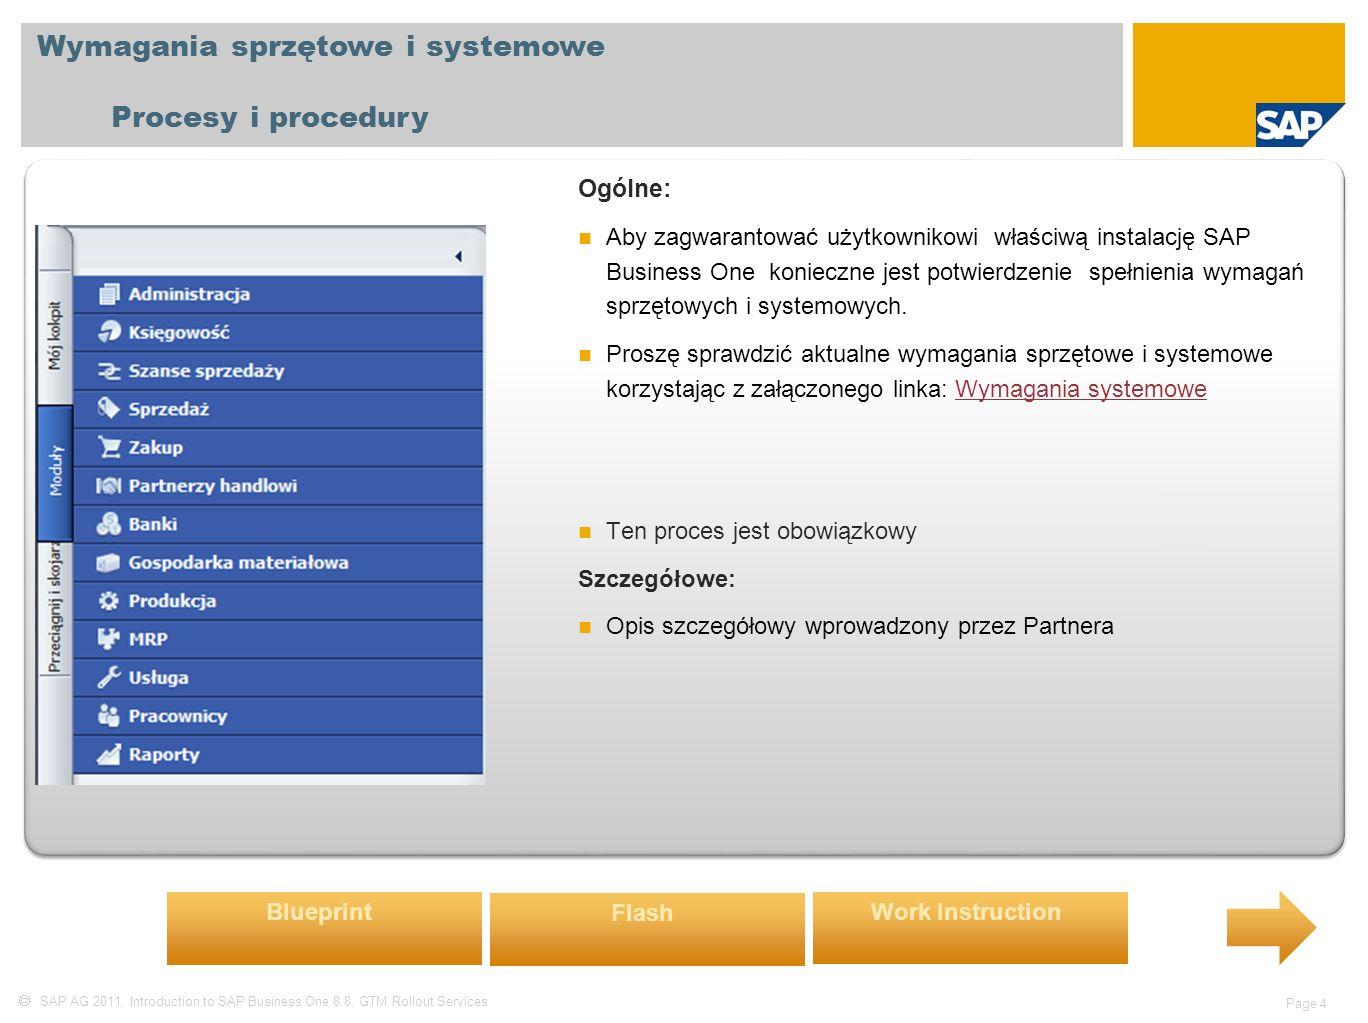  SAP AG 2011, Introduction to SAP Business One 8.8, GTM Rollout Services Page 15 Ustawienia ogólne – Czcionki i Tło Procesy i procedury Ogólne: Zakładka Rodzaje czcionki i tło służy do ustawiania czcionki wyświetlanych tekstów w SAP Business One i wstawiania logo firmy lub innej grafiki jako tła w głównym menu SAP Business One.